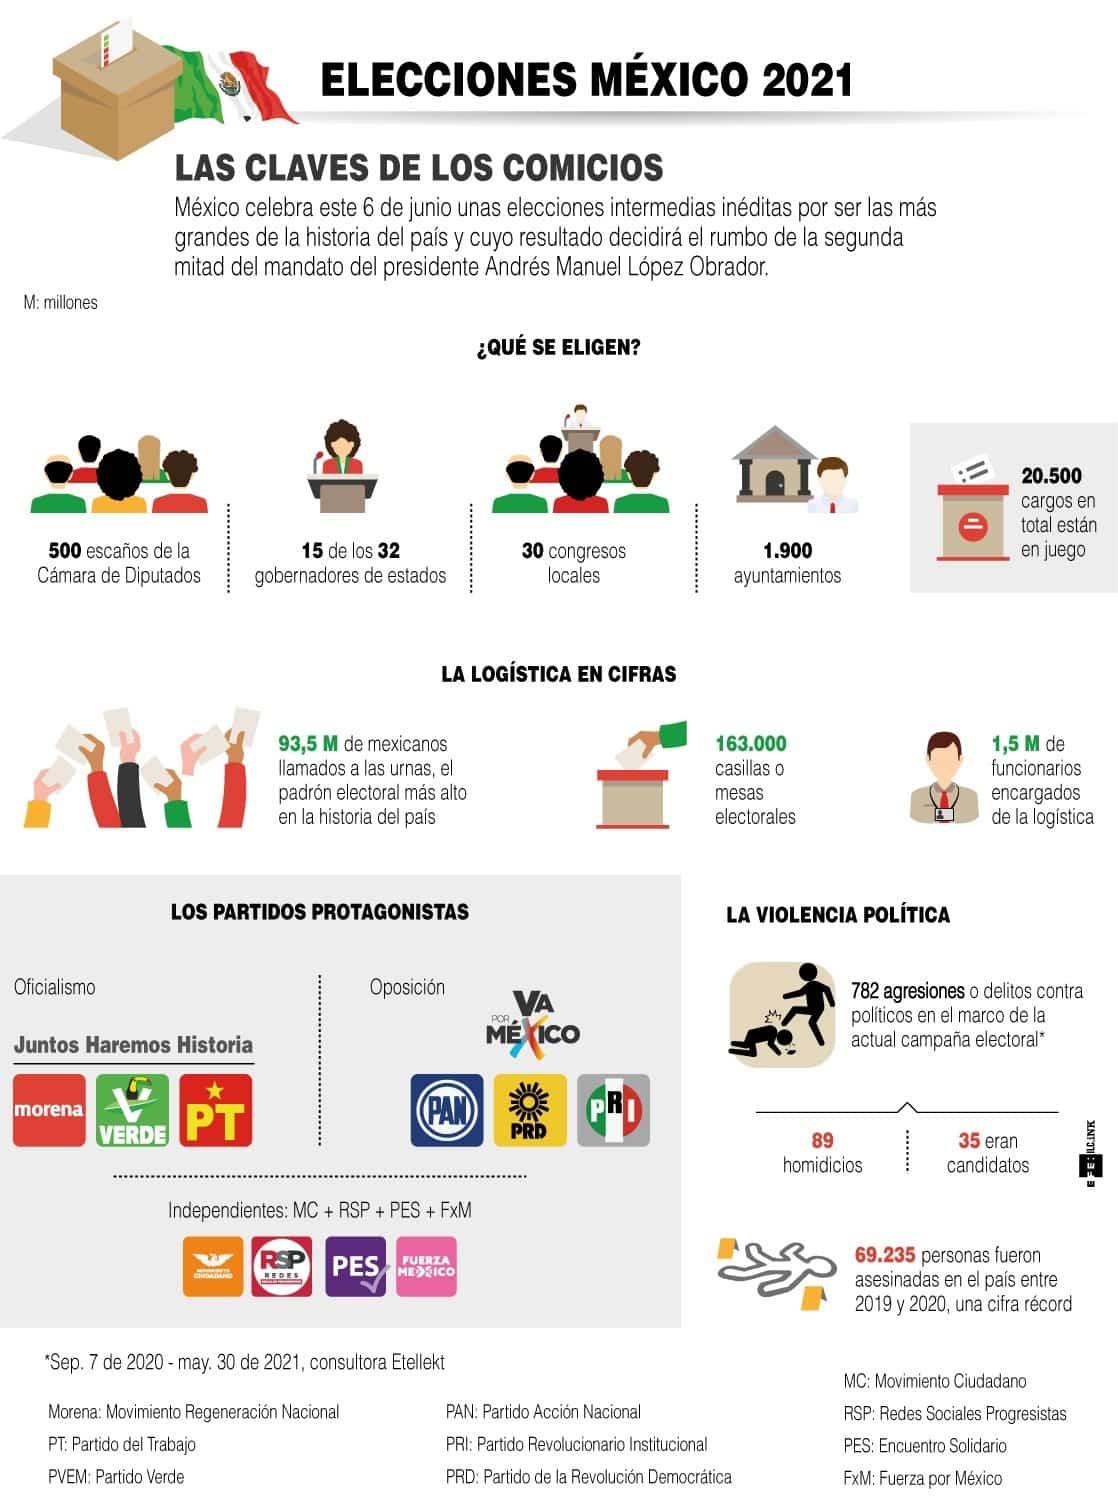 [Infografía] - Las claves de las elecciones más grandes de la historia de México 1